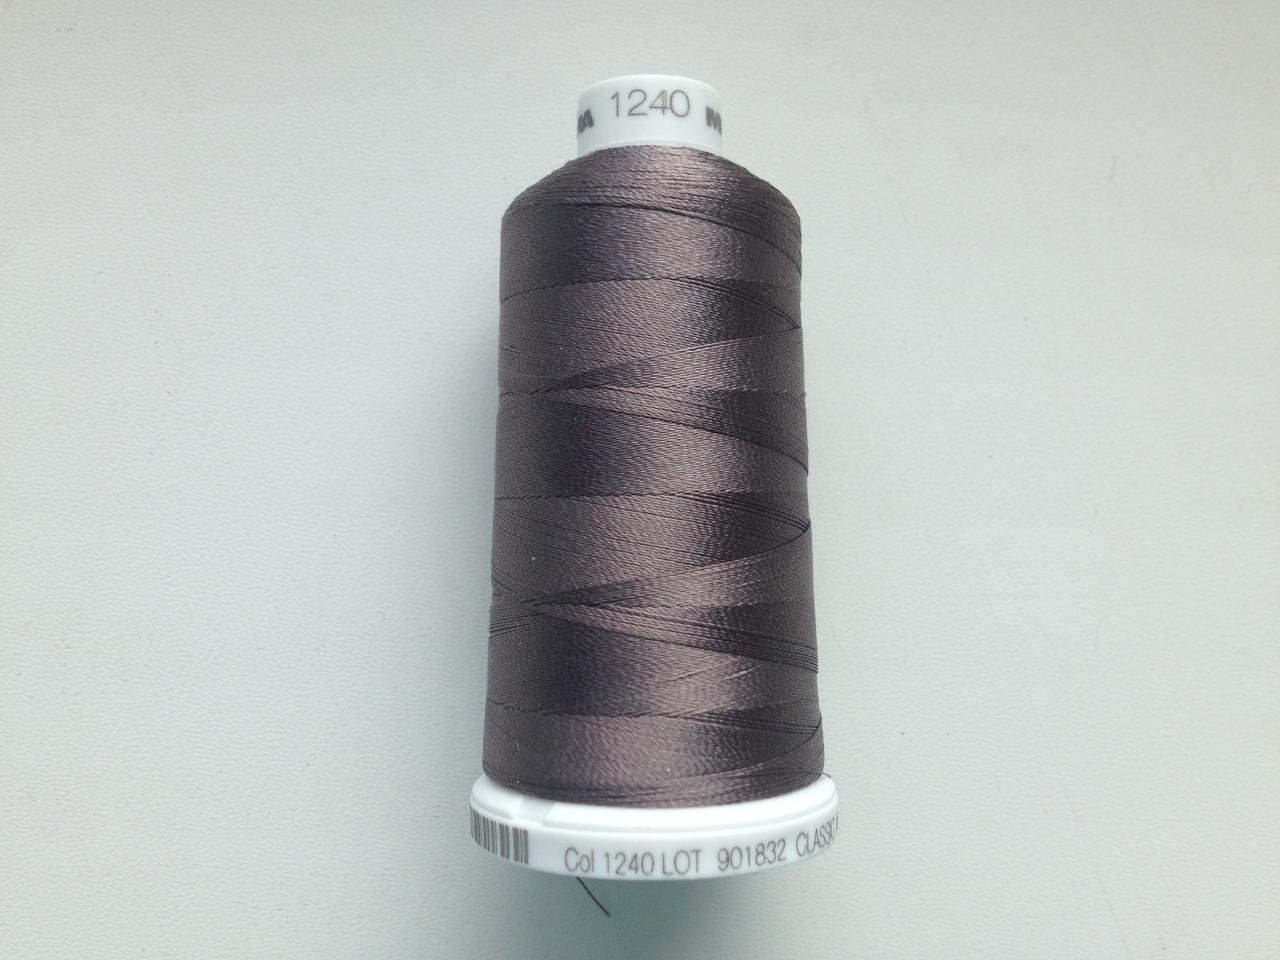 Нитки для машинной вышивки   Madeira Classic №40.  цвет 1240 ( ТЁМНО - КОРИЧНЕВЫЙ ). 1000 м